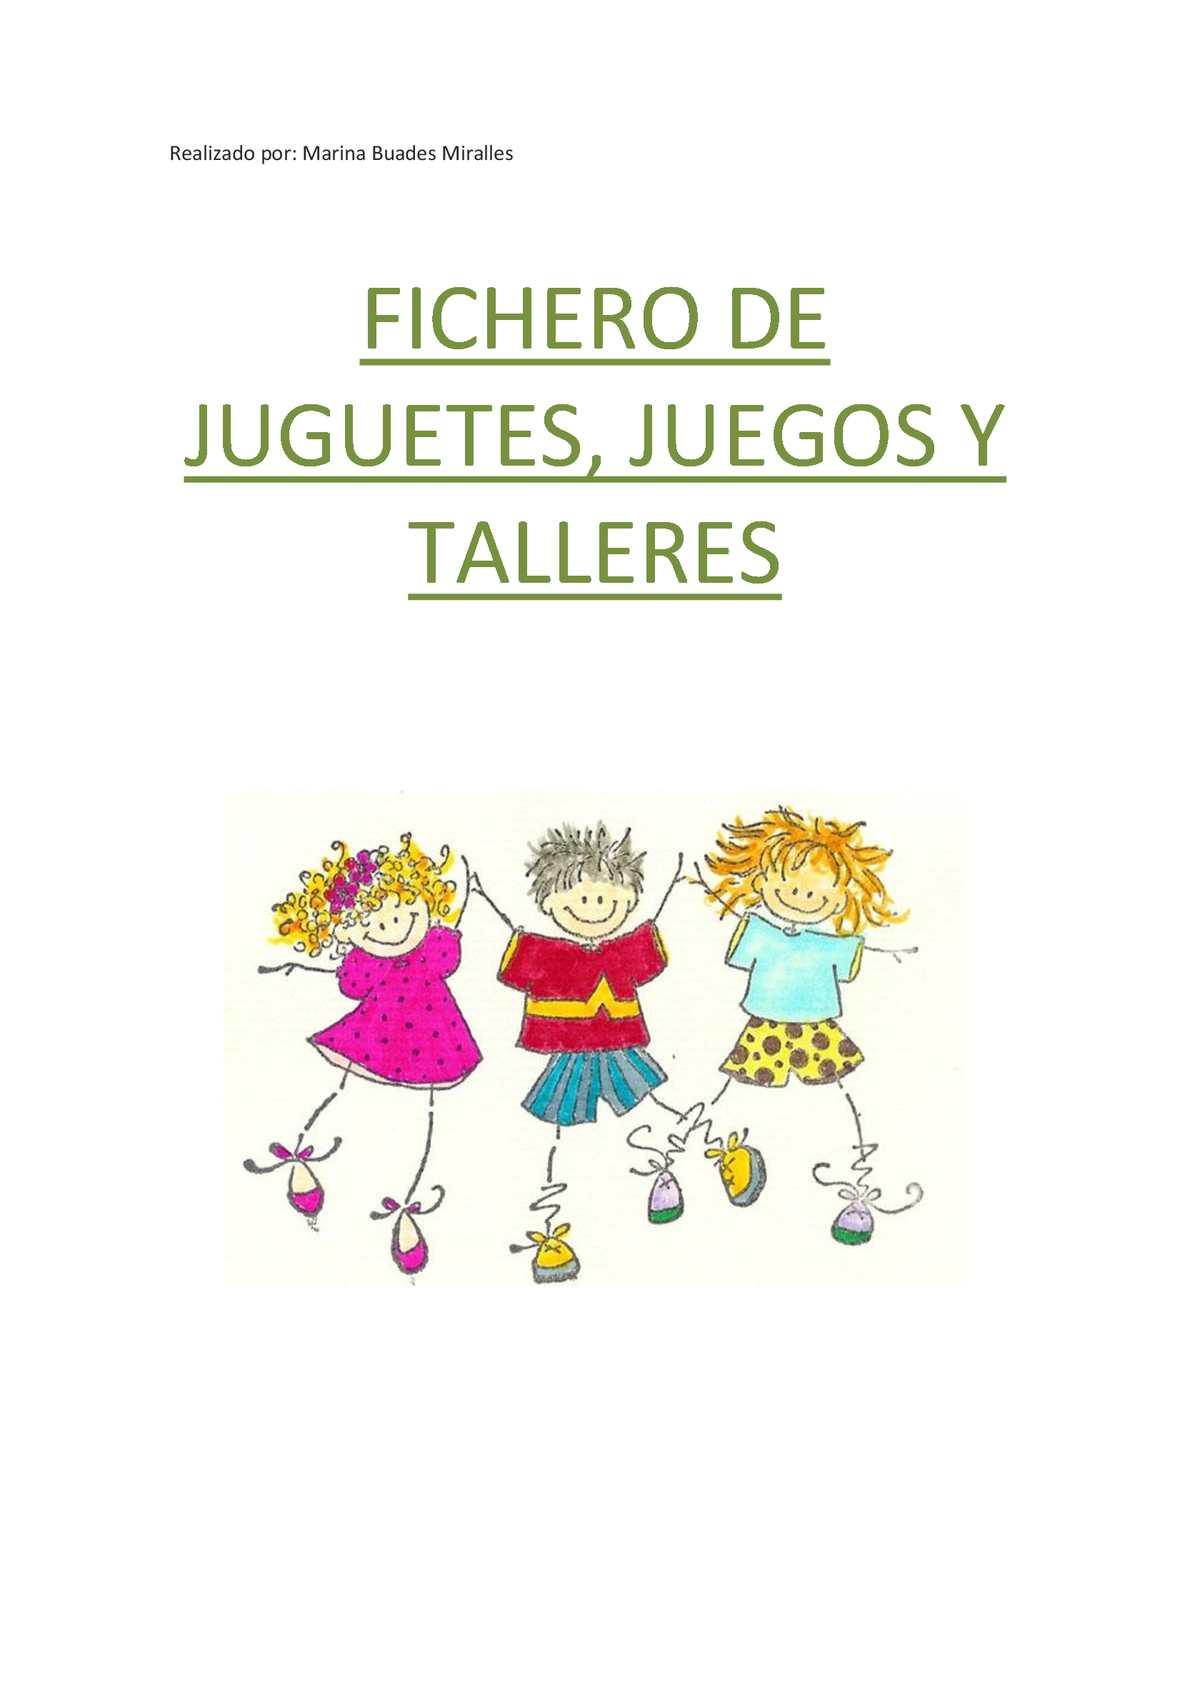 Calaméo Fichero Y De JuguetesJuegos Talleres vmyNwO08n